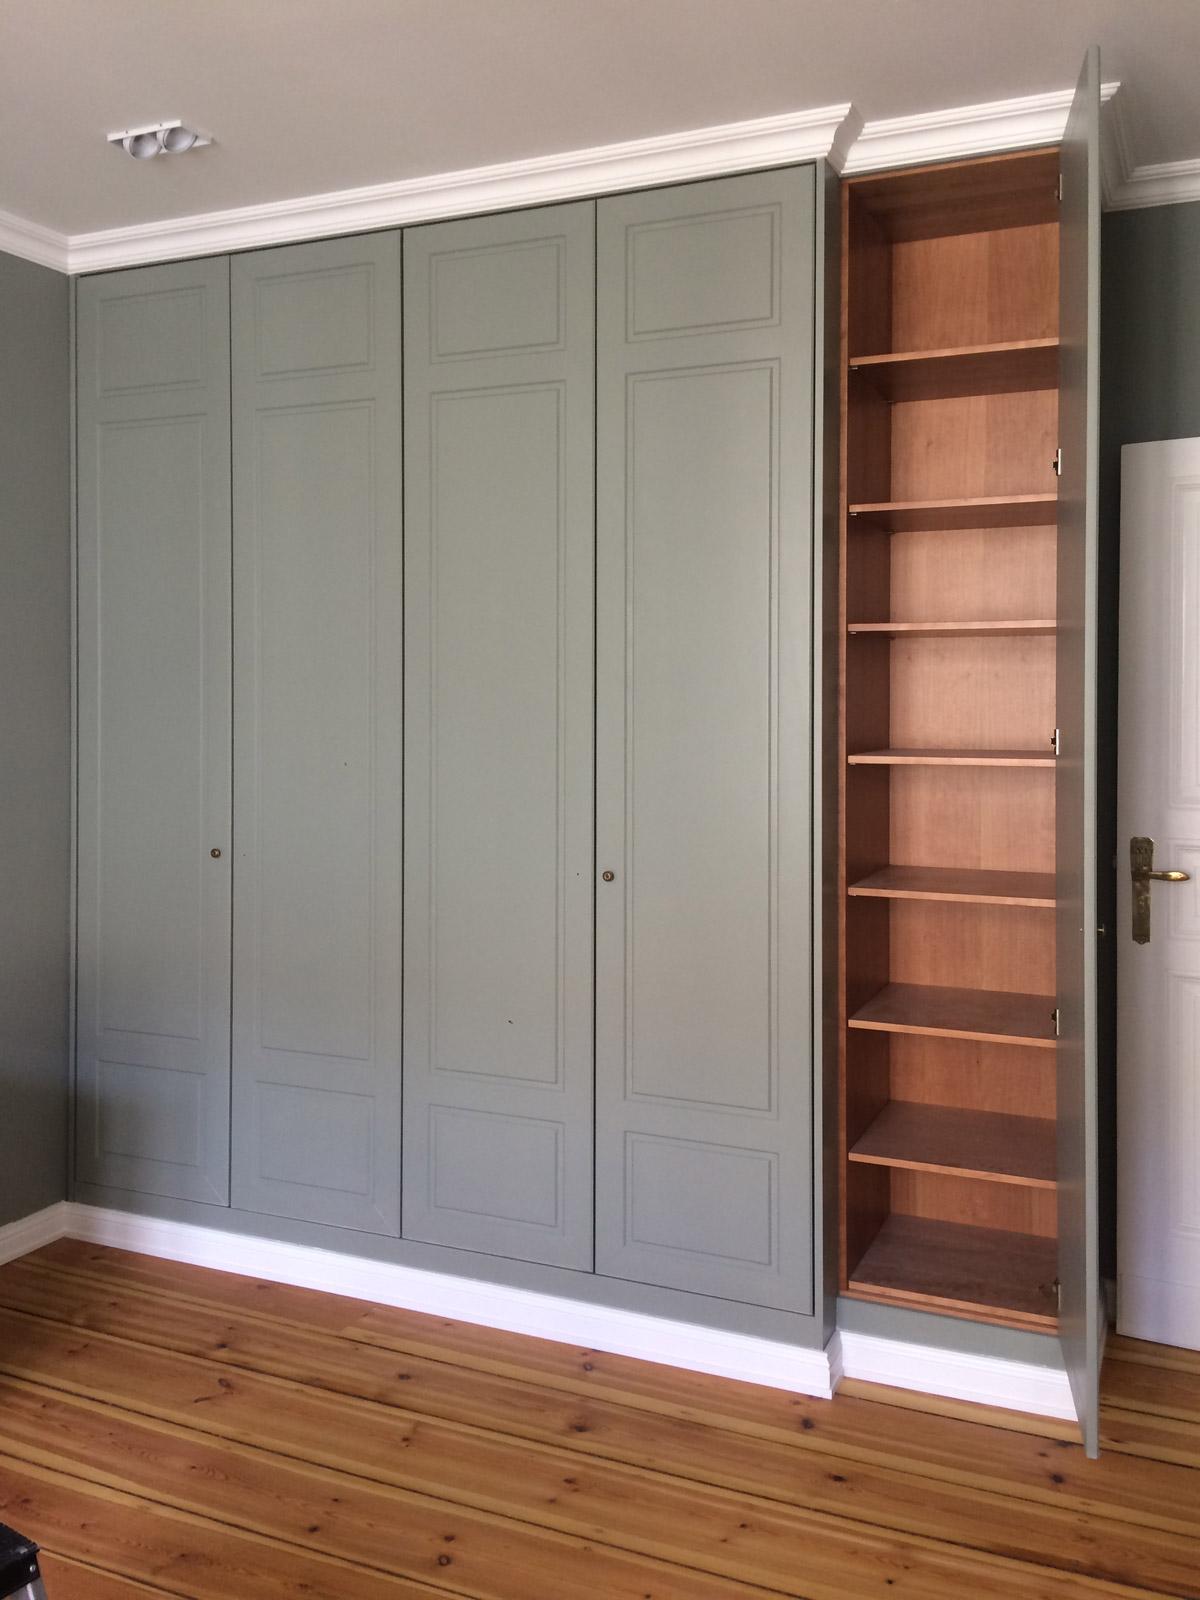 schlafzimmerschrank einbau chapo ihr tischlerei. Black Bedroom Furniture Sets. Home Design Ideas